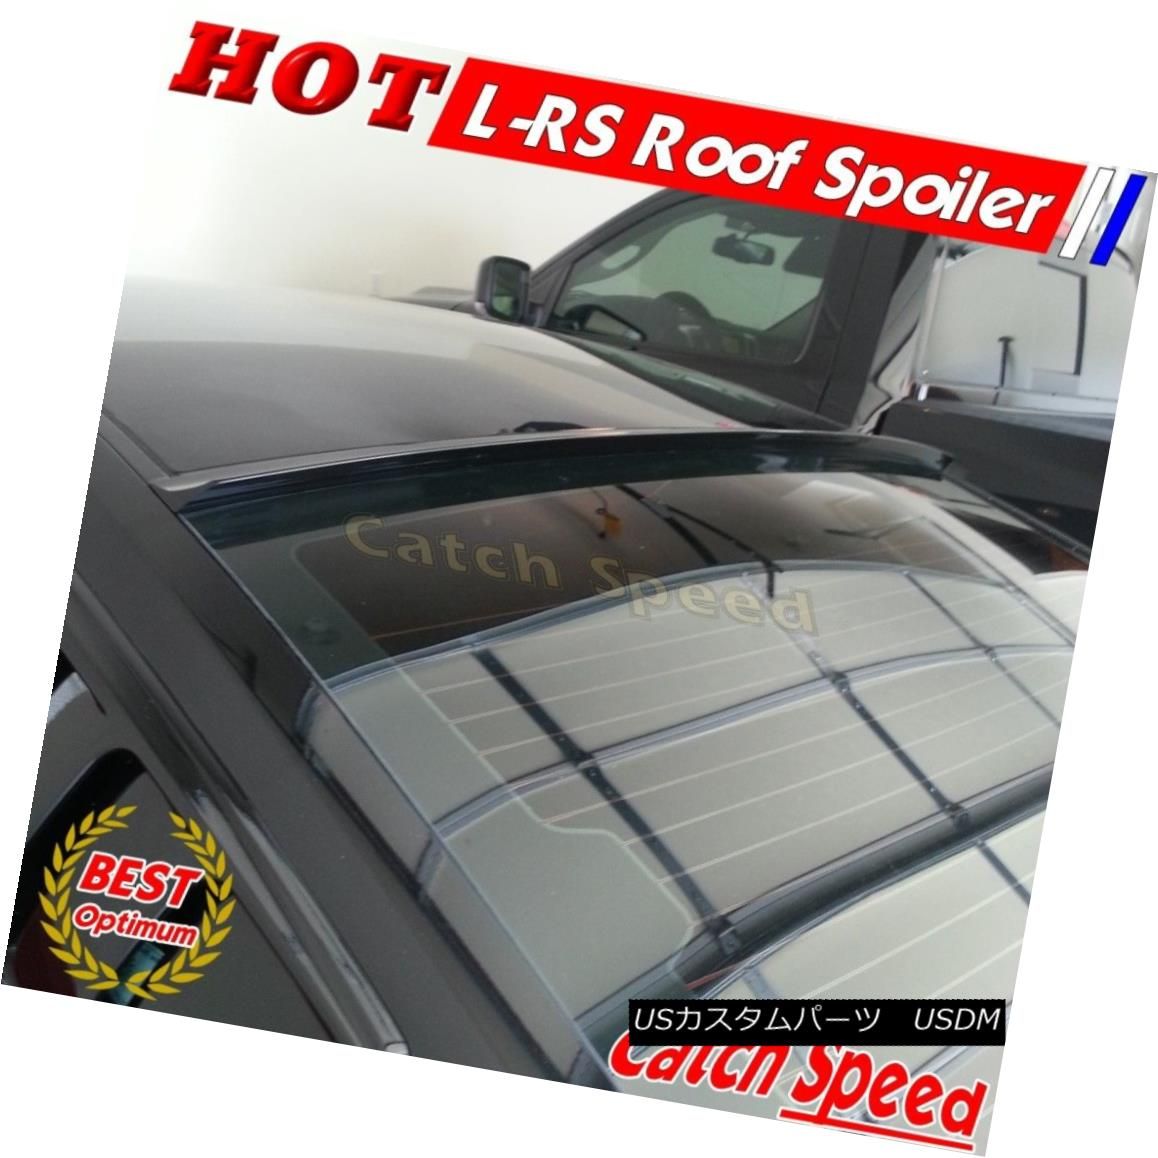 エアロパーツ Painted LRS Type Rear Window Roof Spoiler Wing For Audi A8 2003 ~ 2009 Sedan ? 塗装済みのLRSタイプリアウィンドウルーフスポイラーウイング(Audi A8用)2003?2009 Sedan?